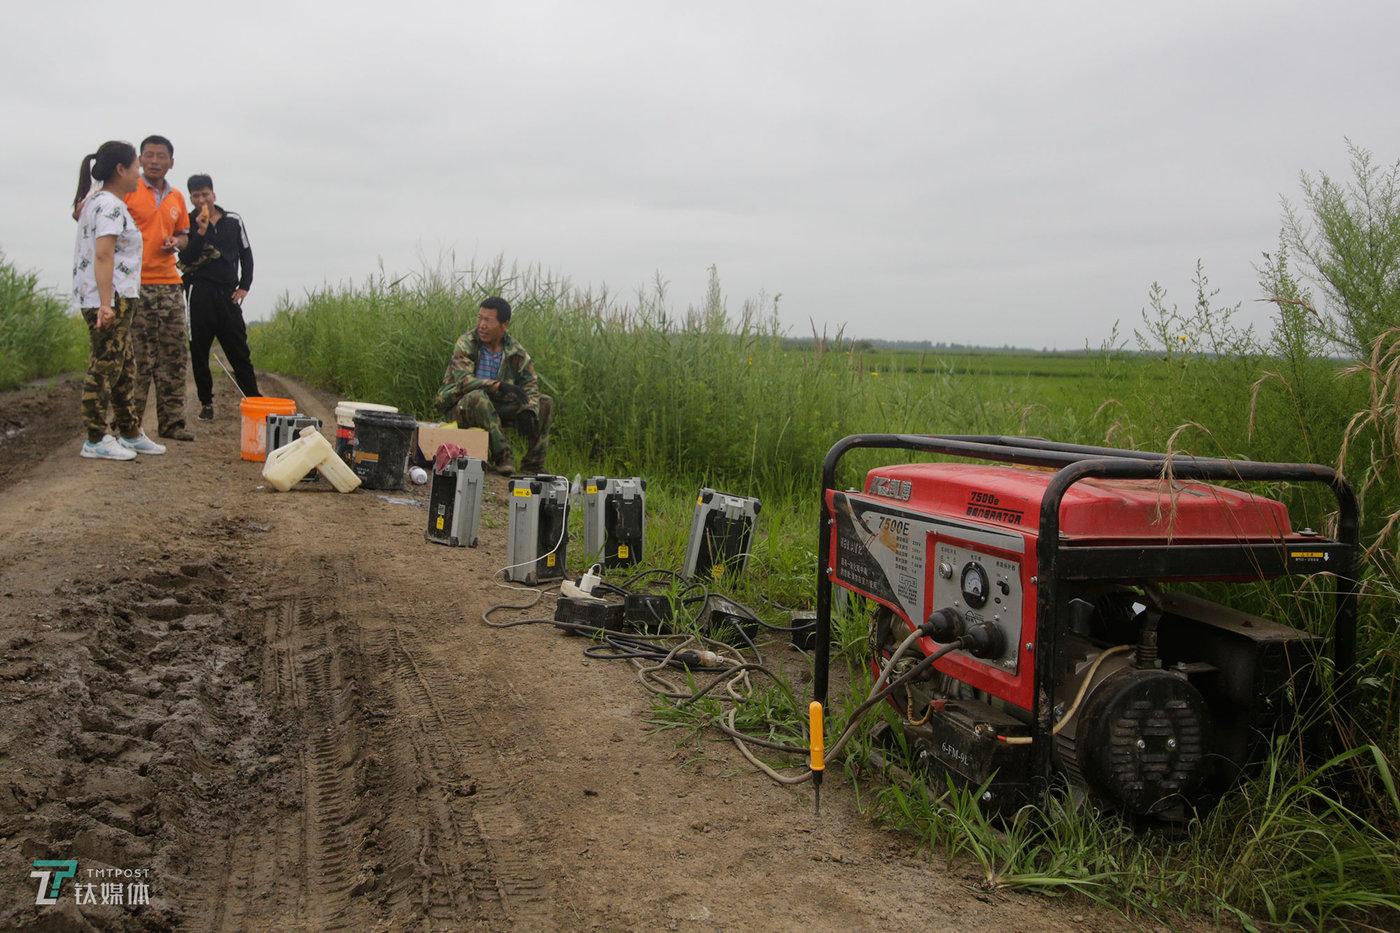 无人机每块电池每次起落飞13分钟,所以一般配置都会有多块电池,这样一来,飞手不得不同时带上发电机,在稻田旁边发电充电,一个空电池充满电需要40-50分钟。